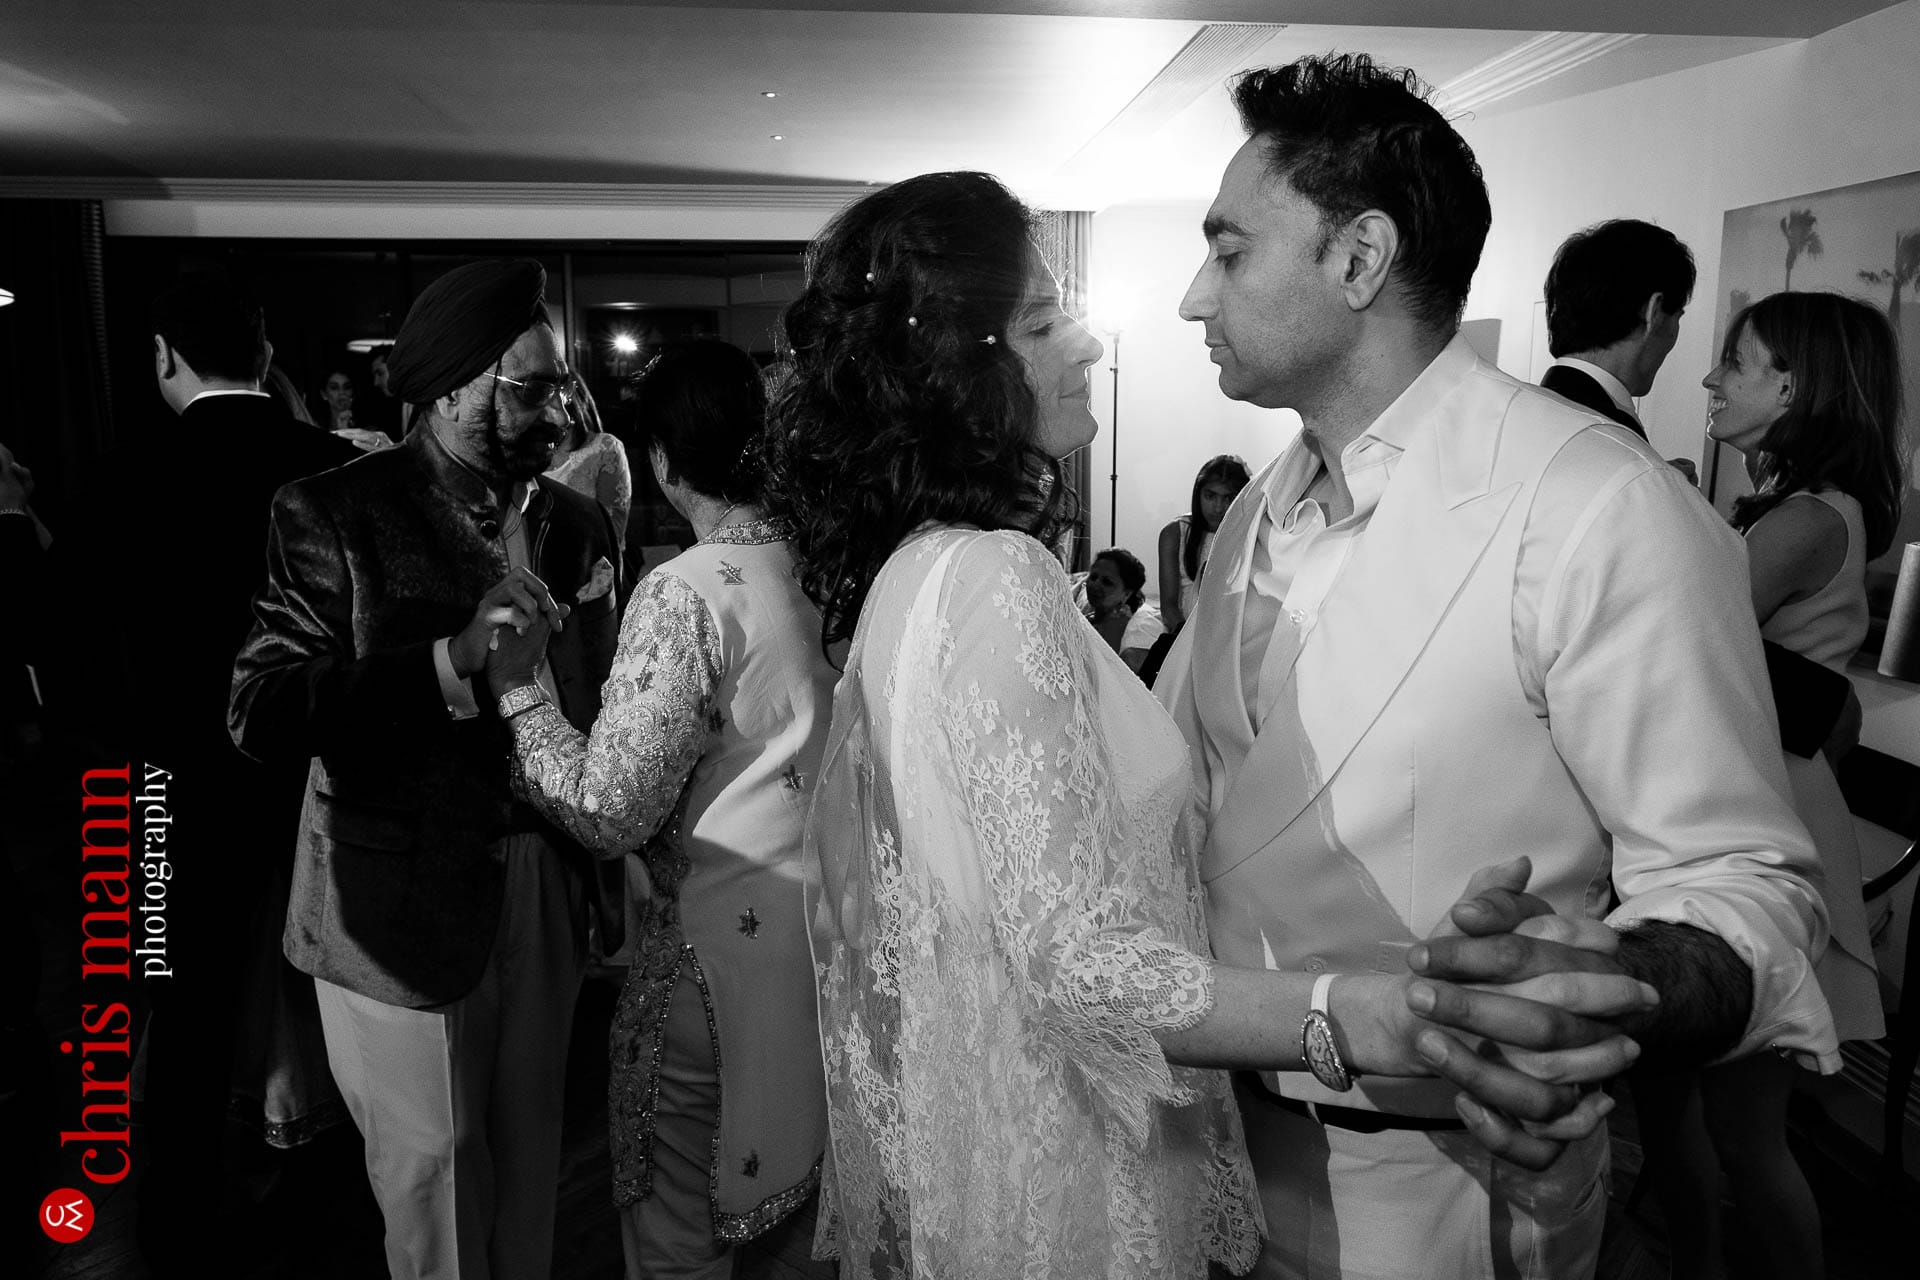 first dance bride and groom wedding reception Arts Club Mayfair London W1